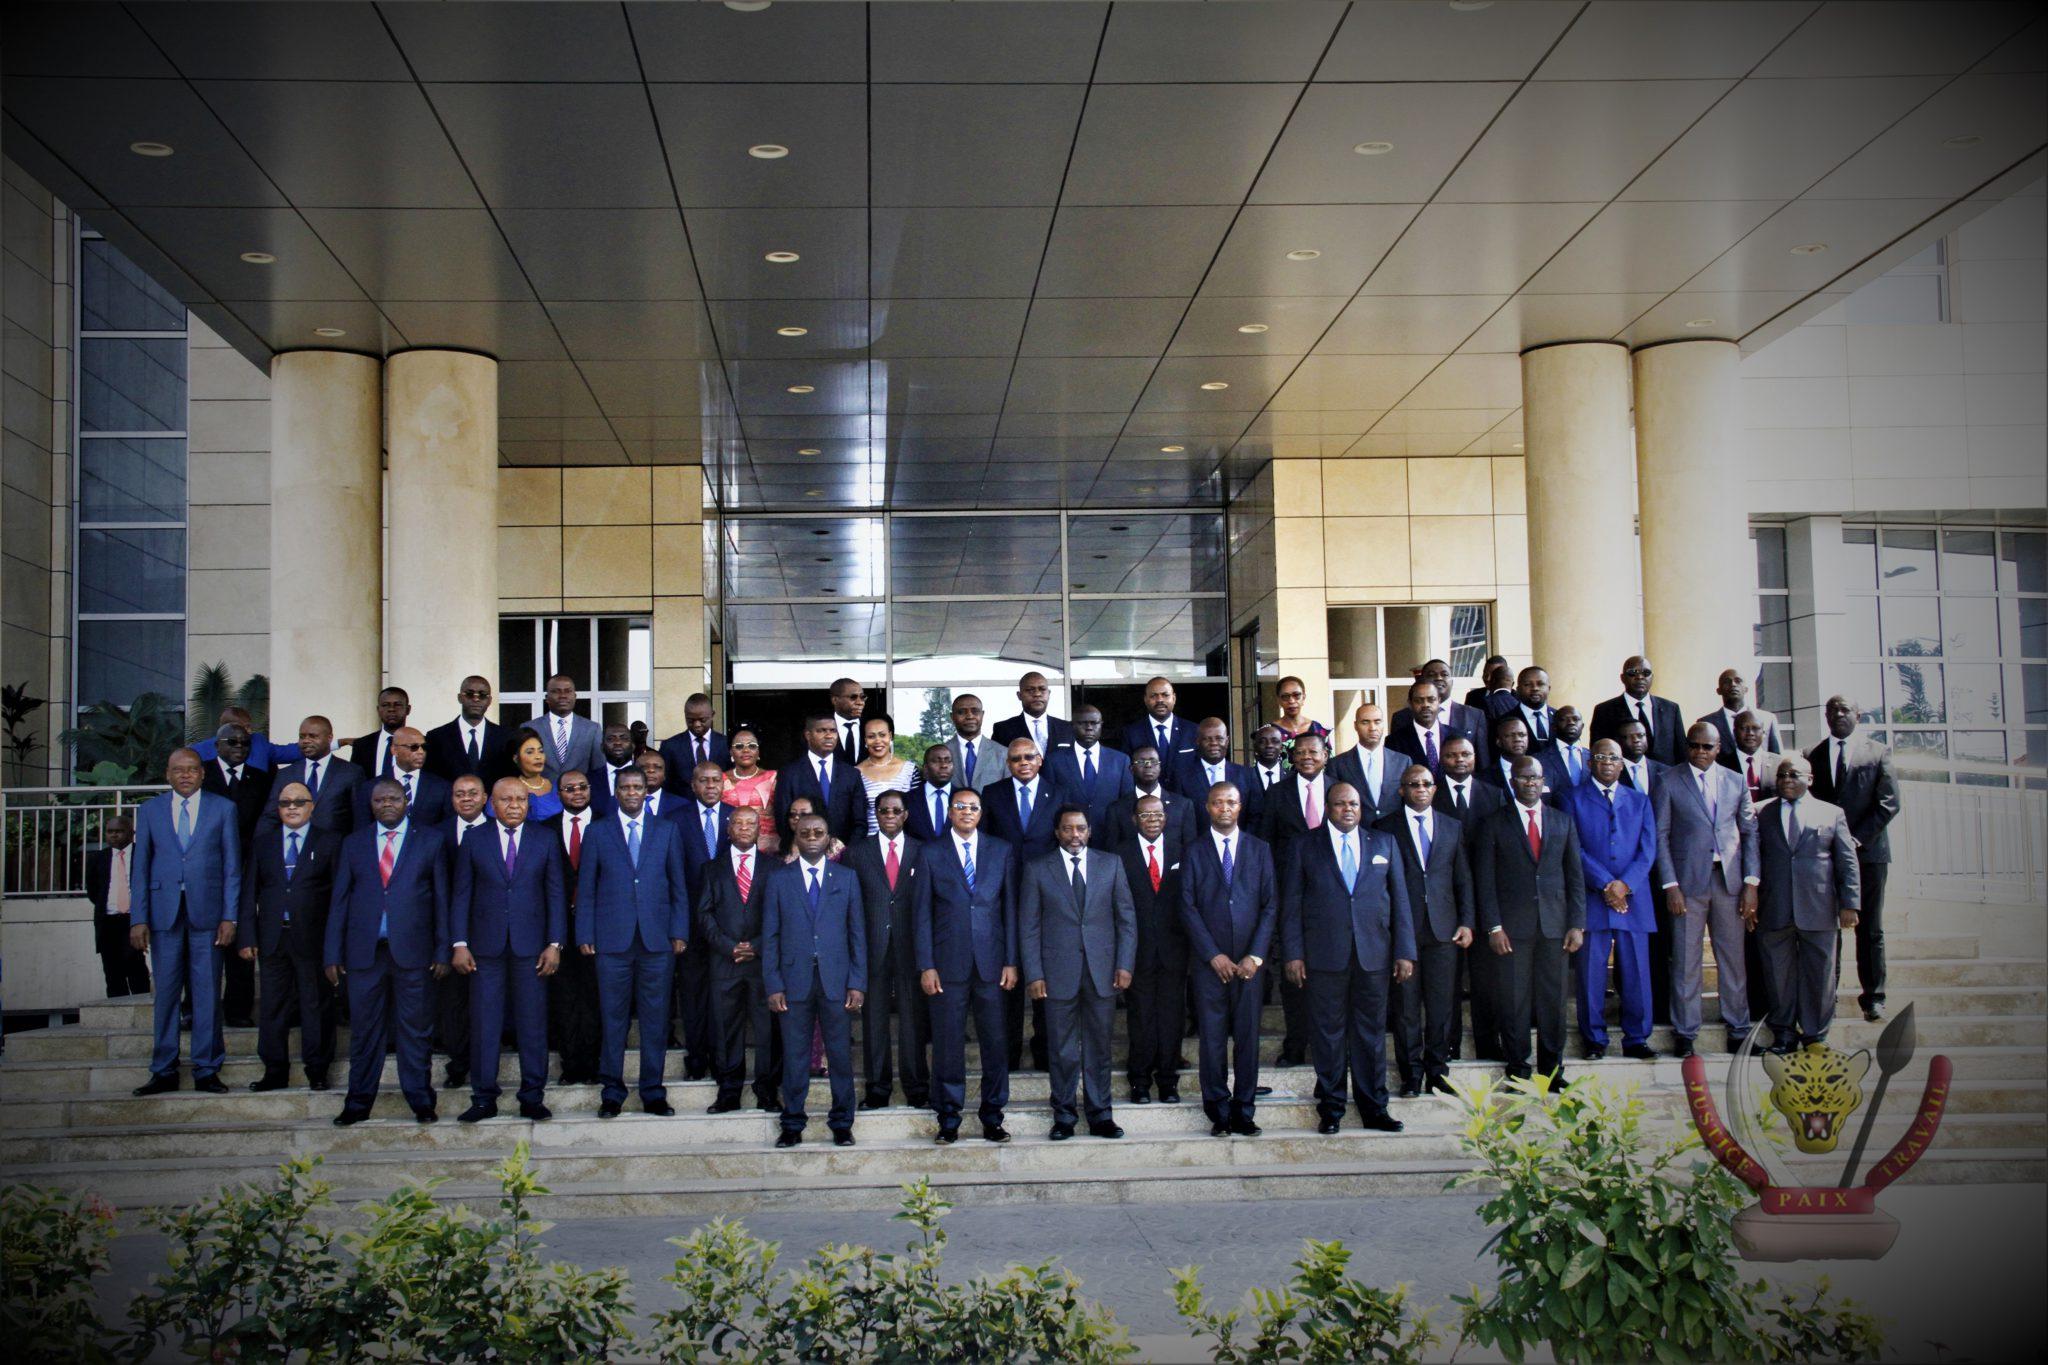 RDC : Augmentation légère des salaires des fonctionnaires de l'Etat décidée en Conseil des Ministres